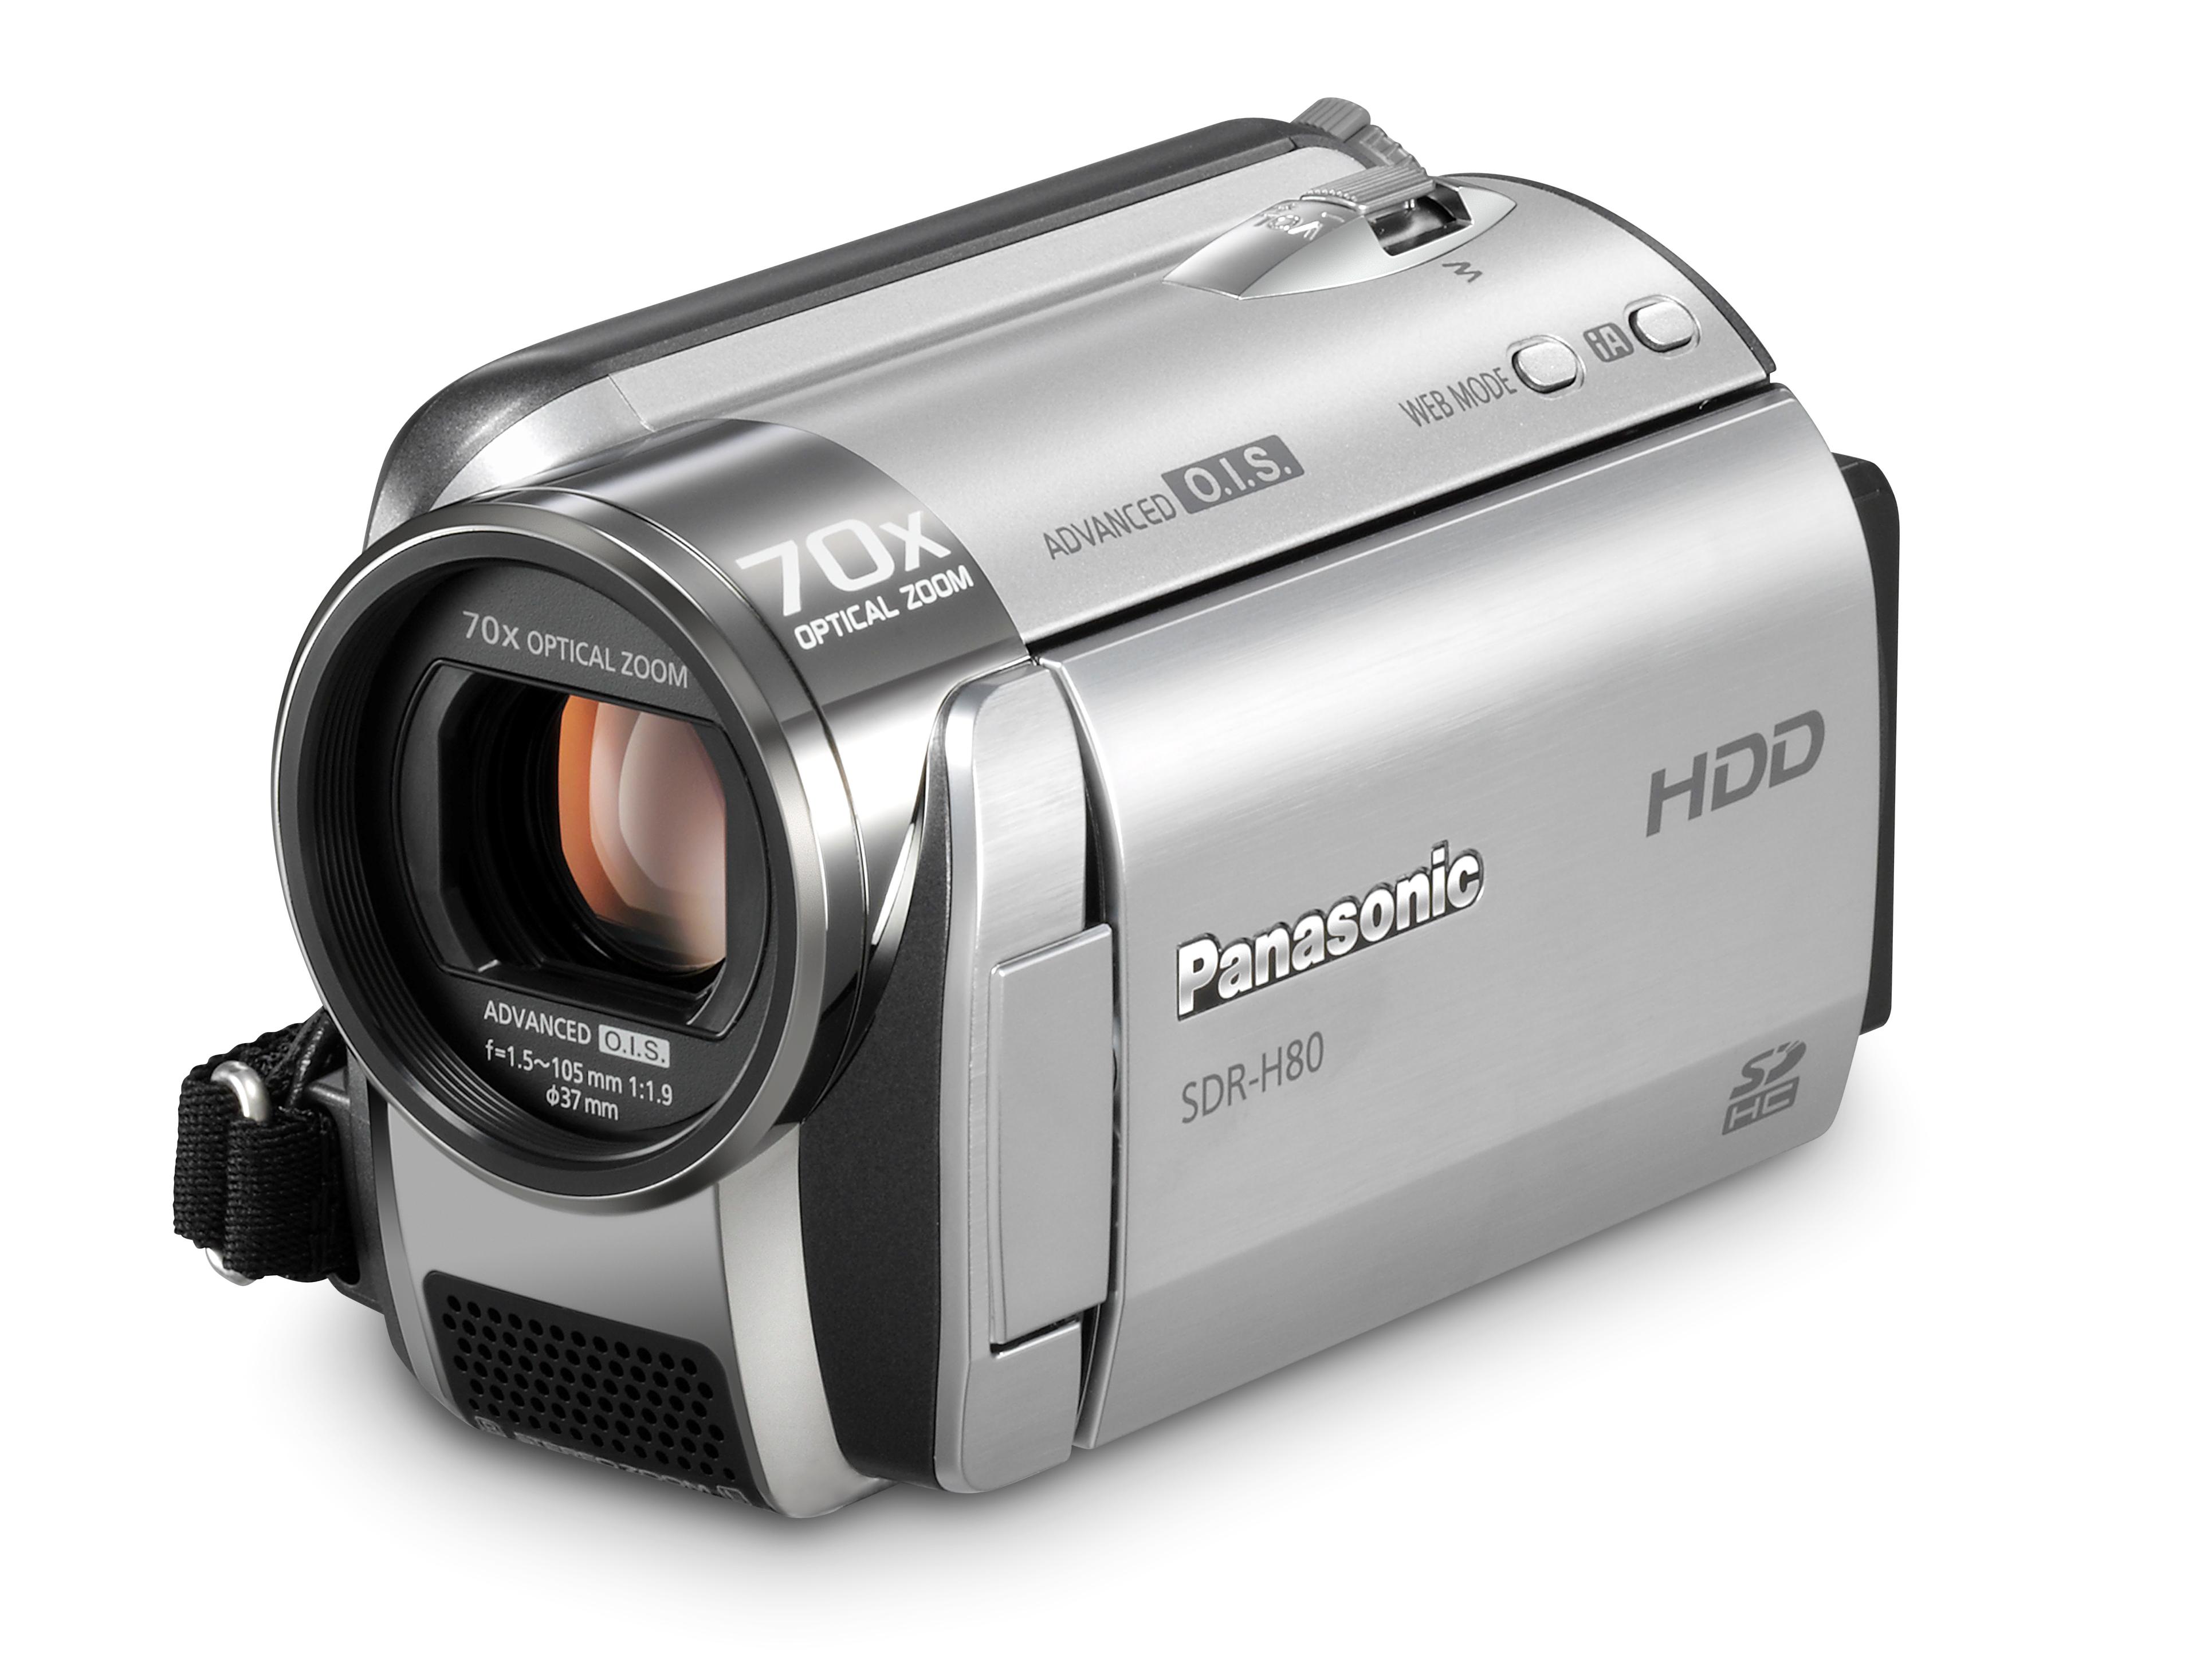 Panasonic sdr-h80 | techradar.